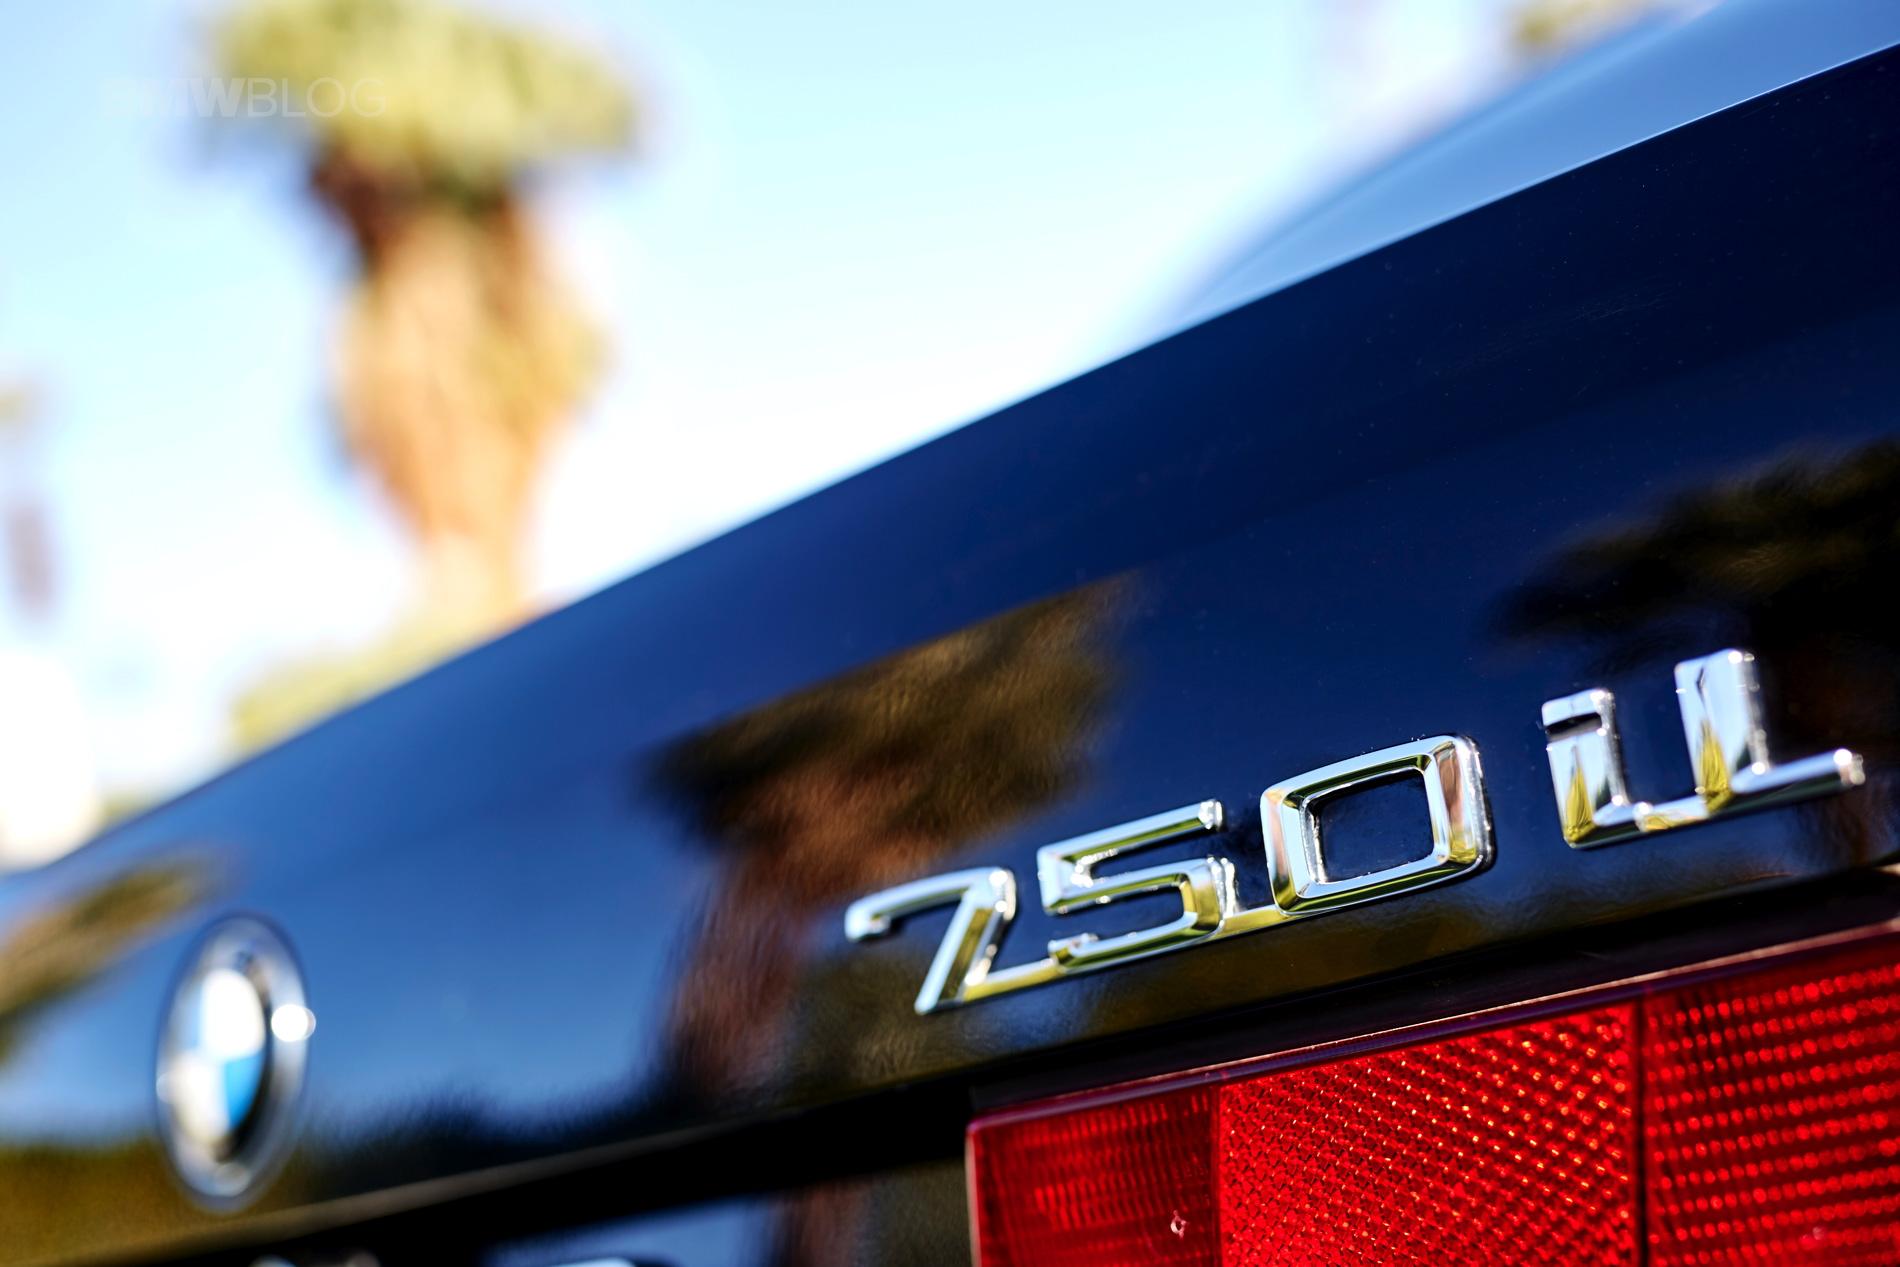 E32 BMW 750iL images 19